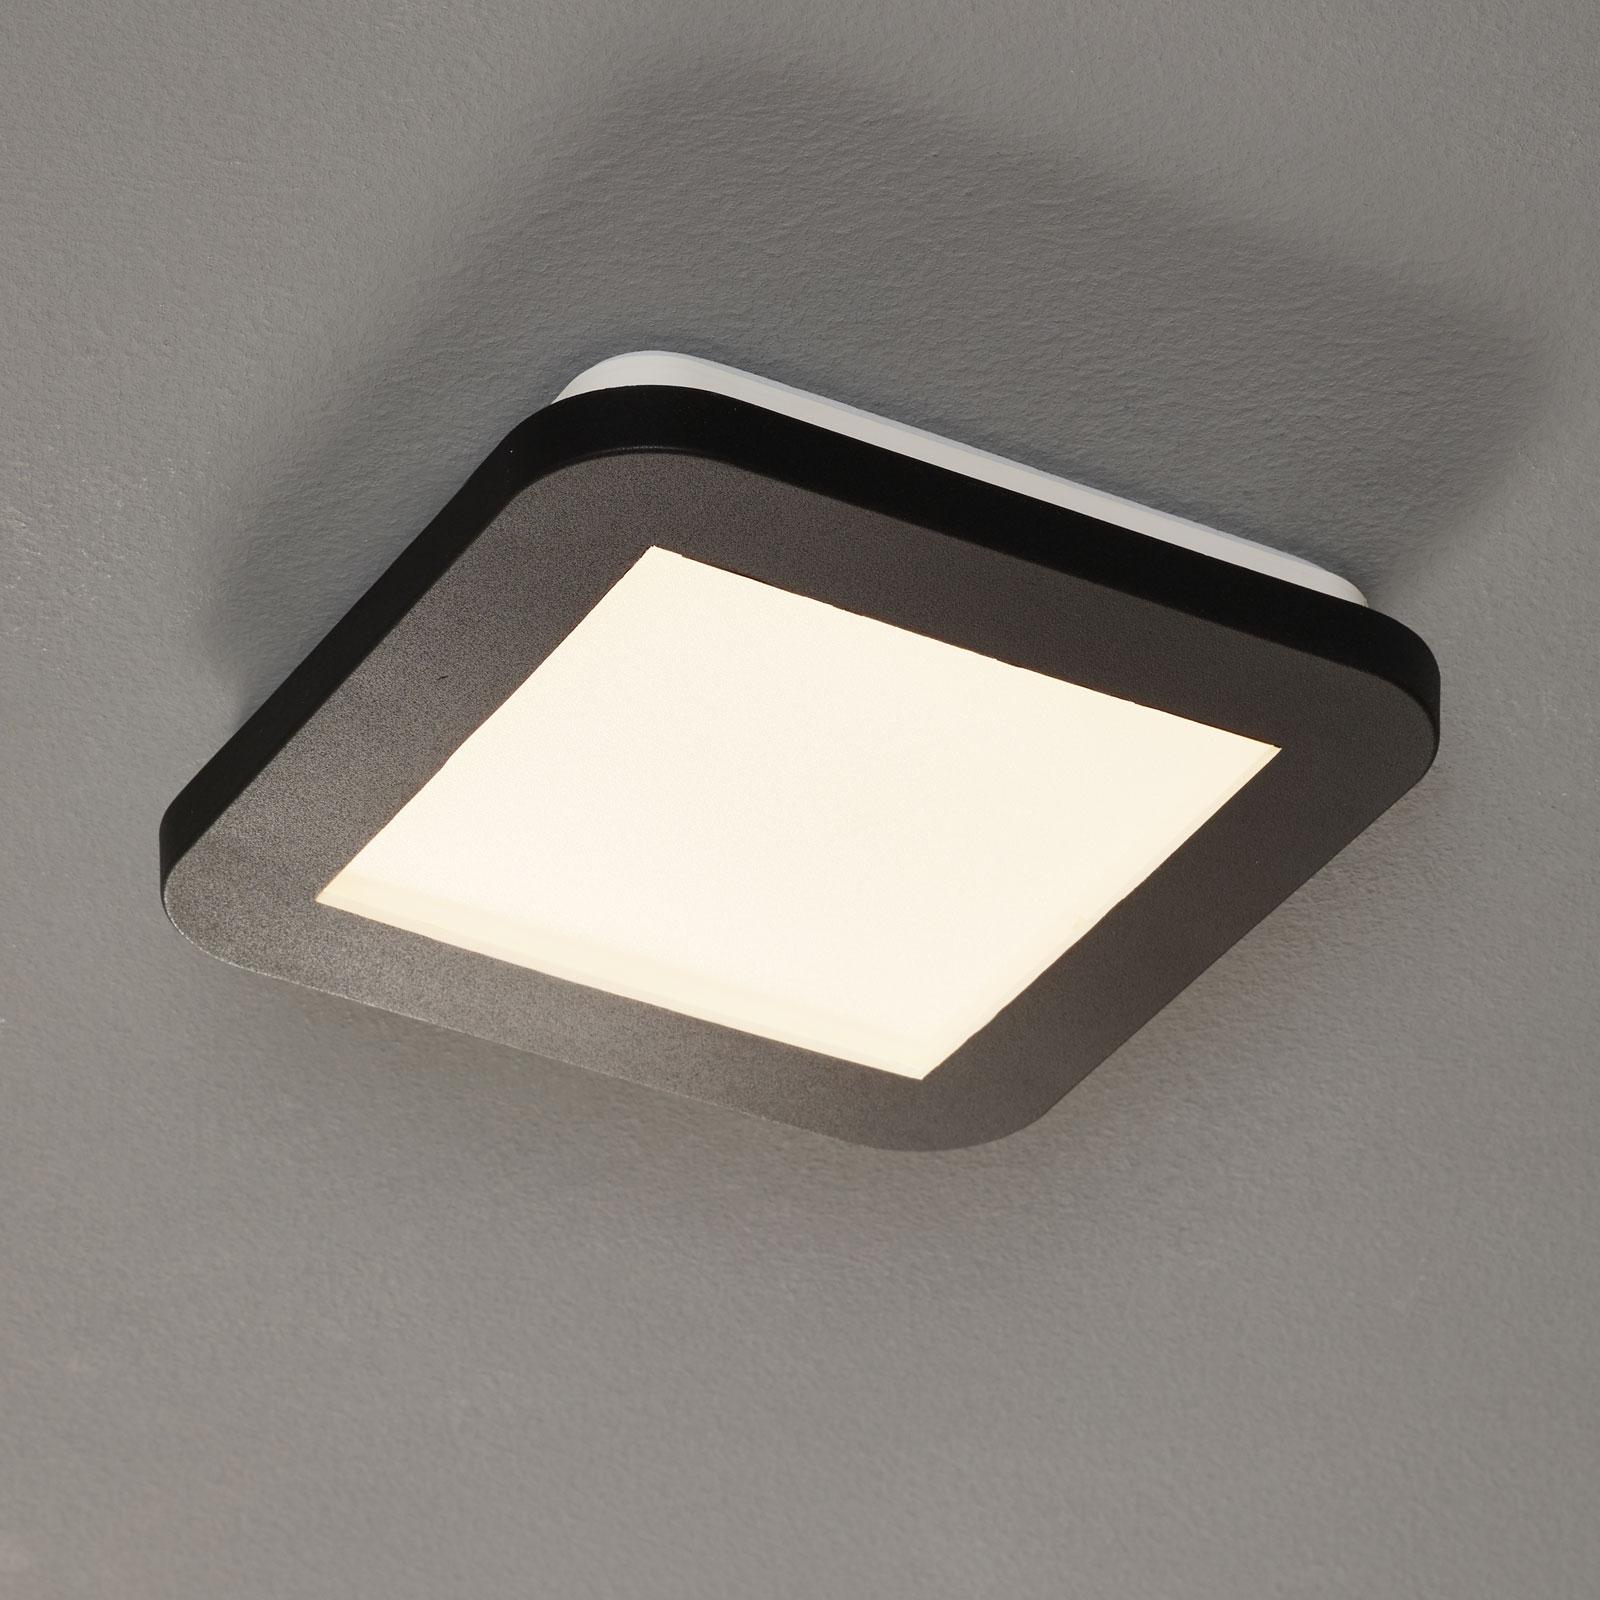 LED-kattovalaisin Camillus, neliö, 17 cm